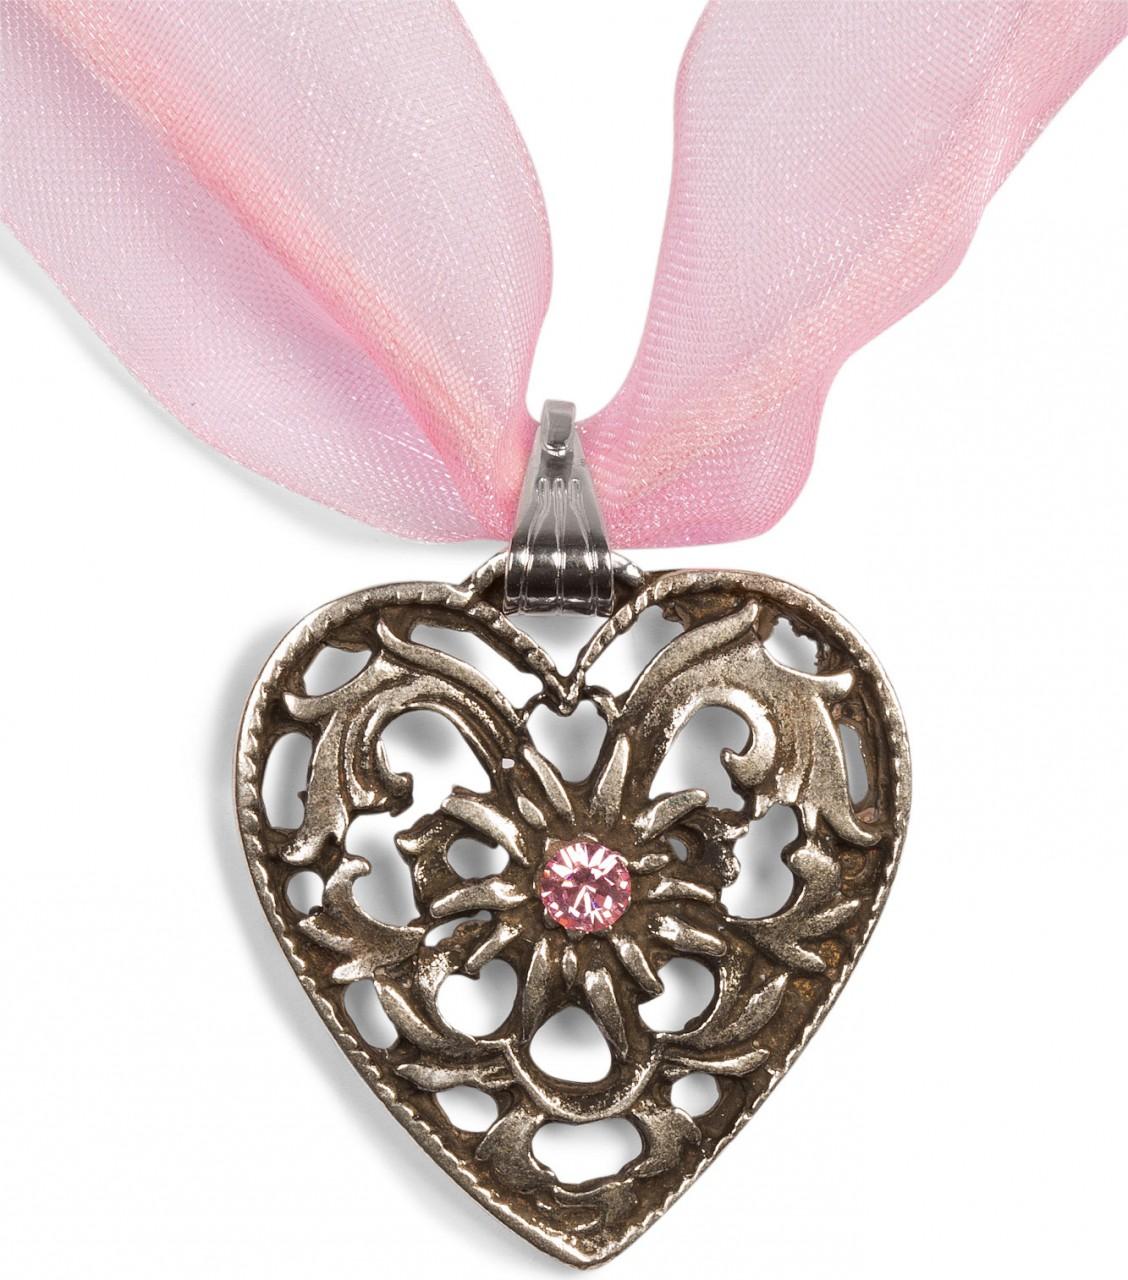 Chiffonband Herzkette mit Stein, rosa